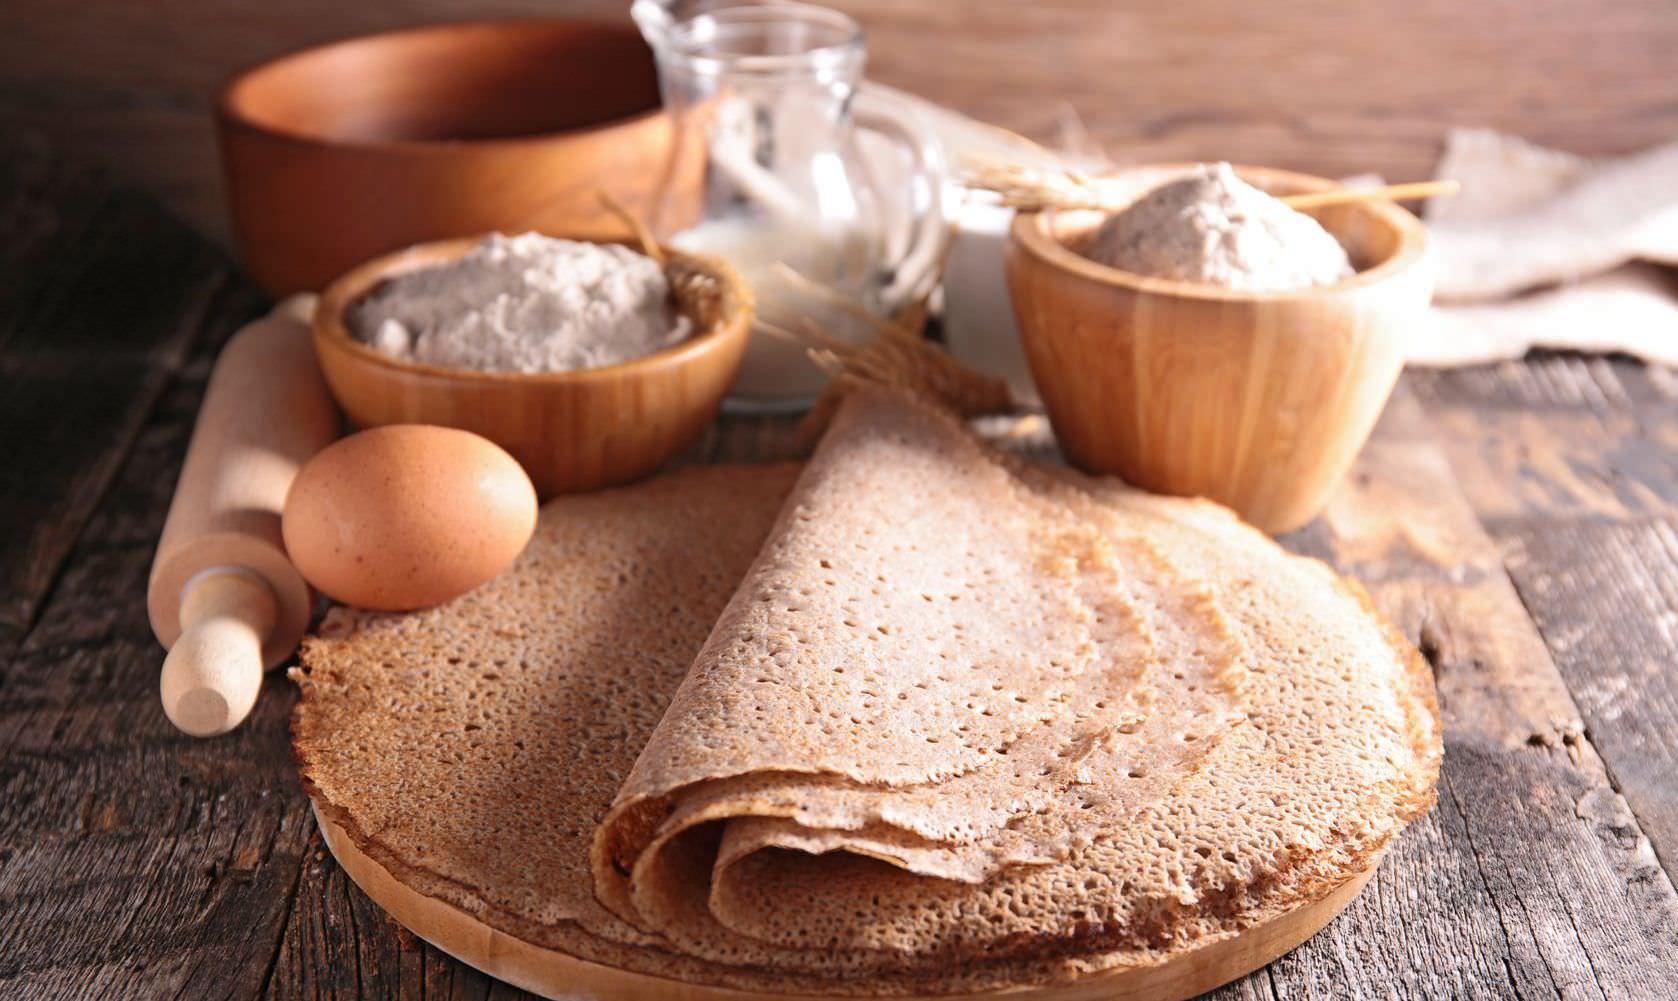 Такие блинчики издревле готовили на Руси, они имеют приятный кофейный оттенок, нежный вкус и неповторимый аромат